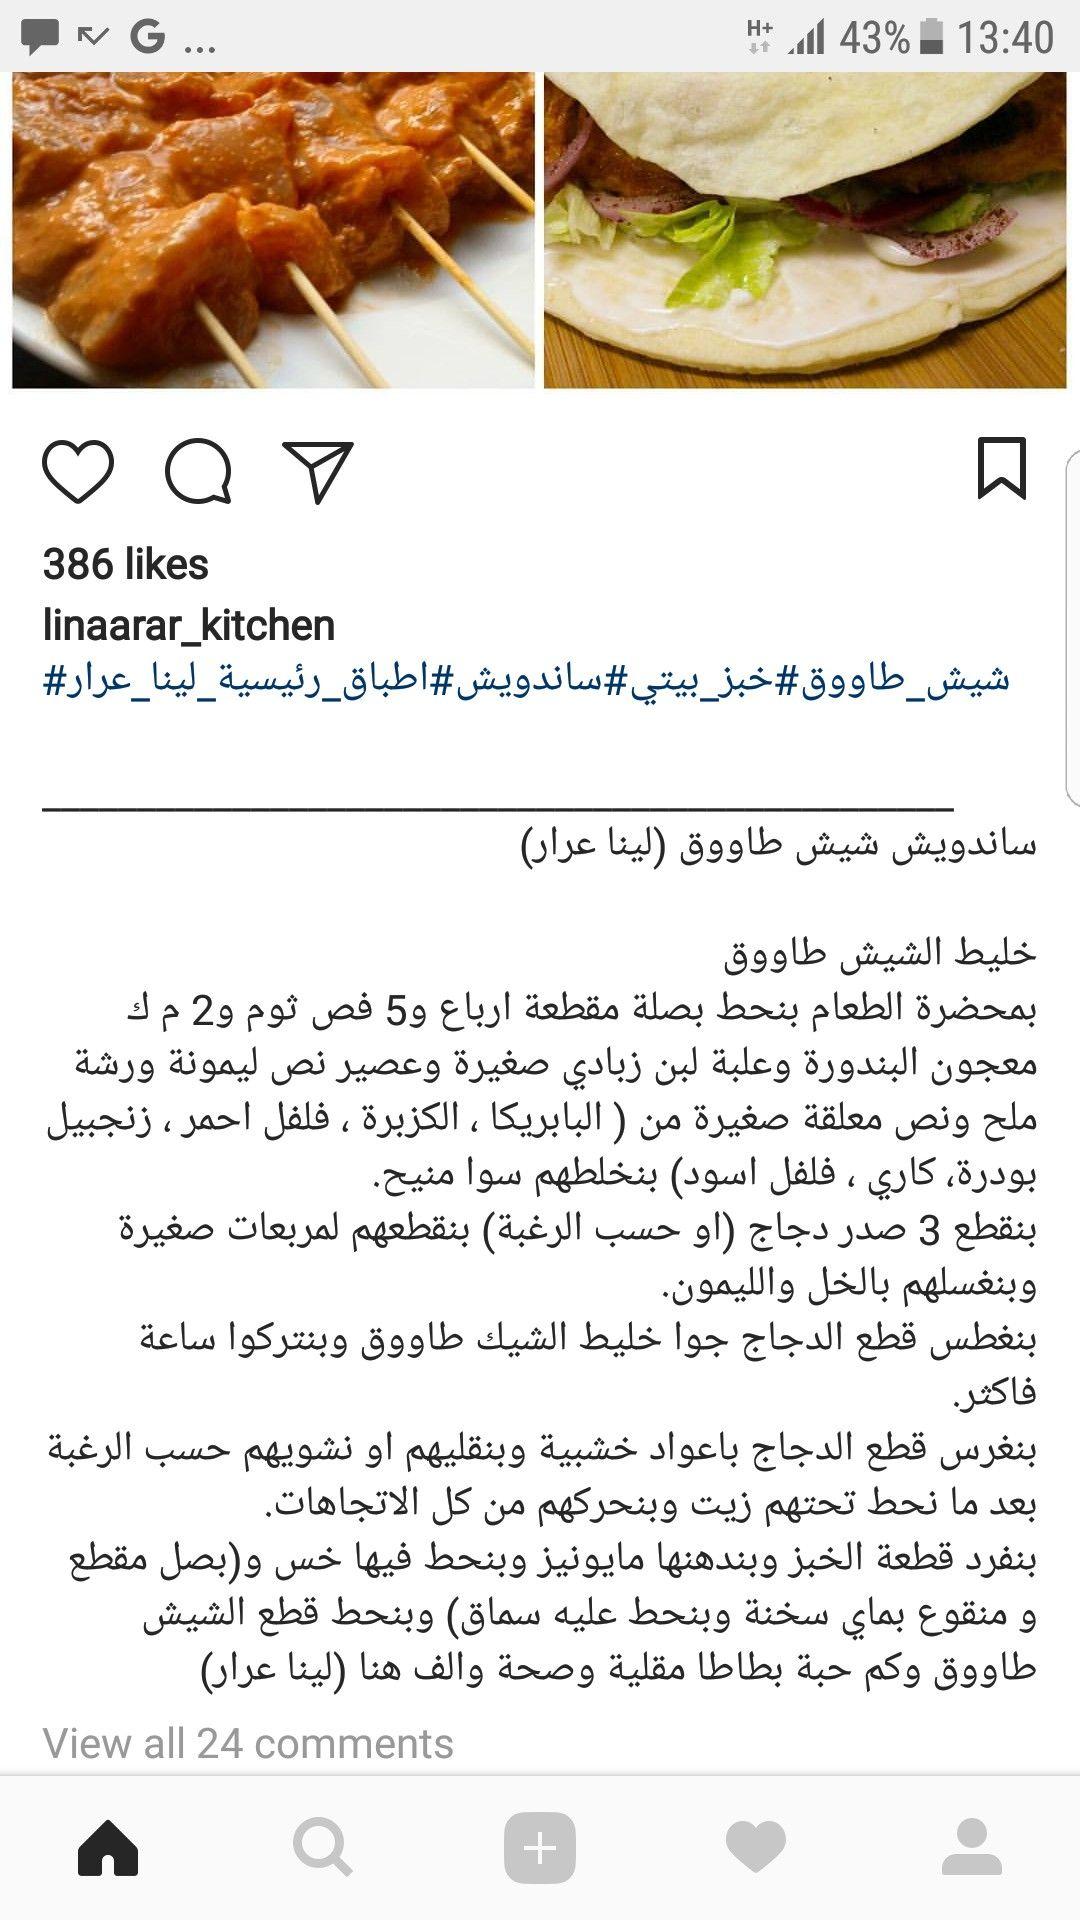 شيش طاووق Food Arabic Food Yummy